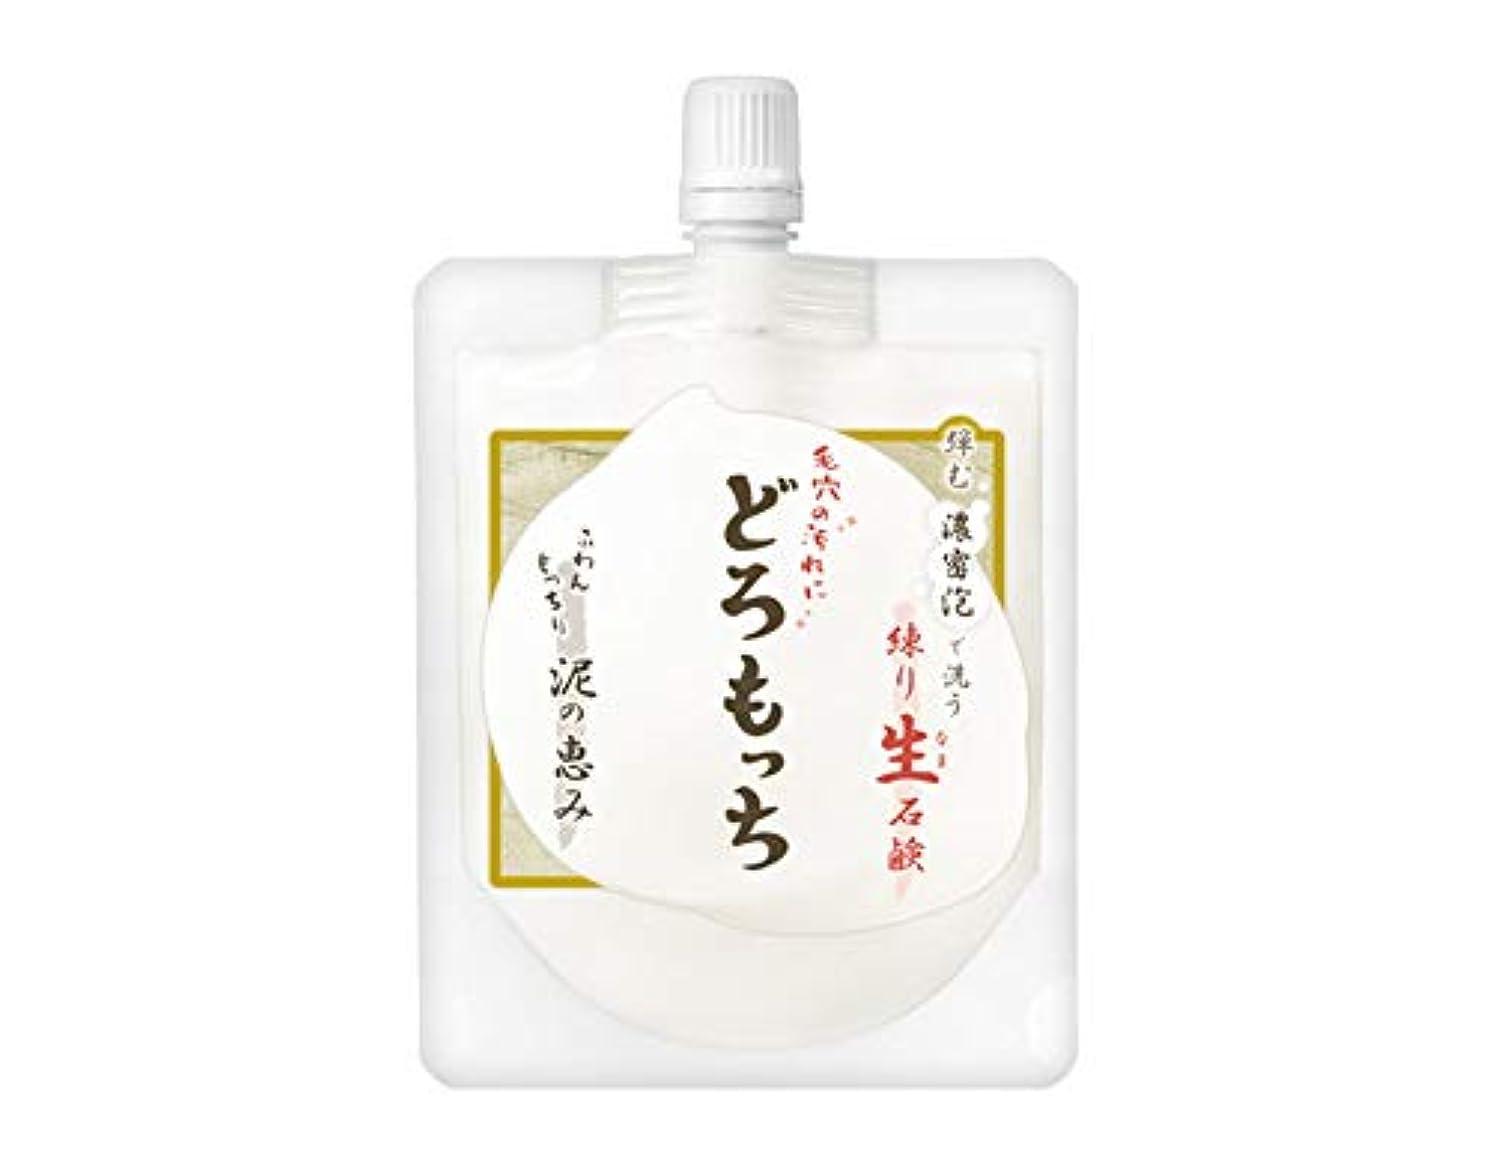 変な測定可能黒アエナ 洗顔 練り生せっけん [もっちり吸い付く 濃厚泡] 泥石けん 保湿 毛穴汚れ どろもっち 150g